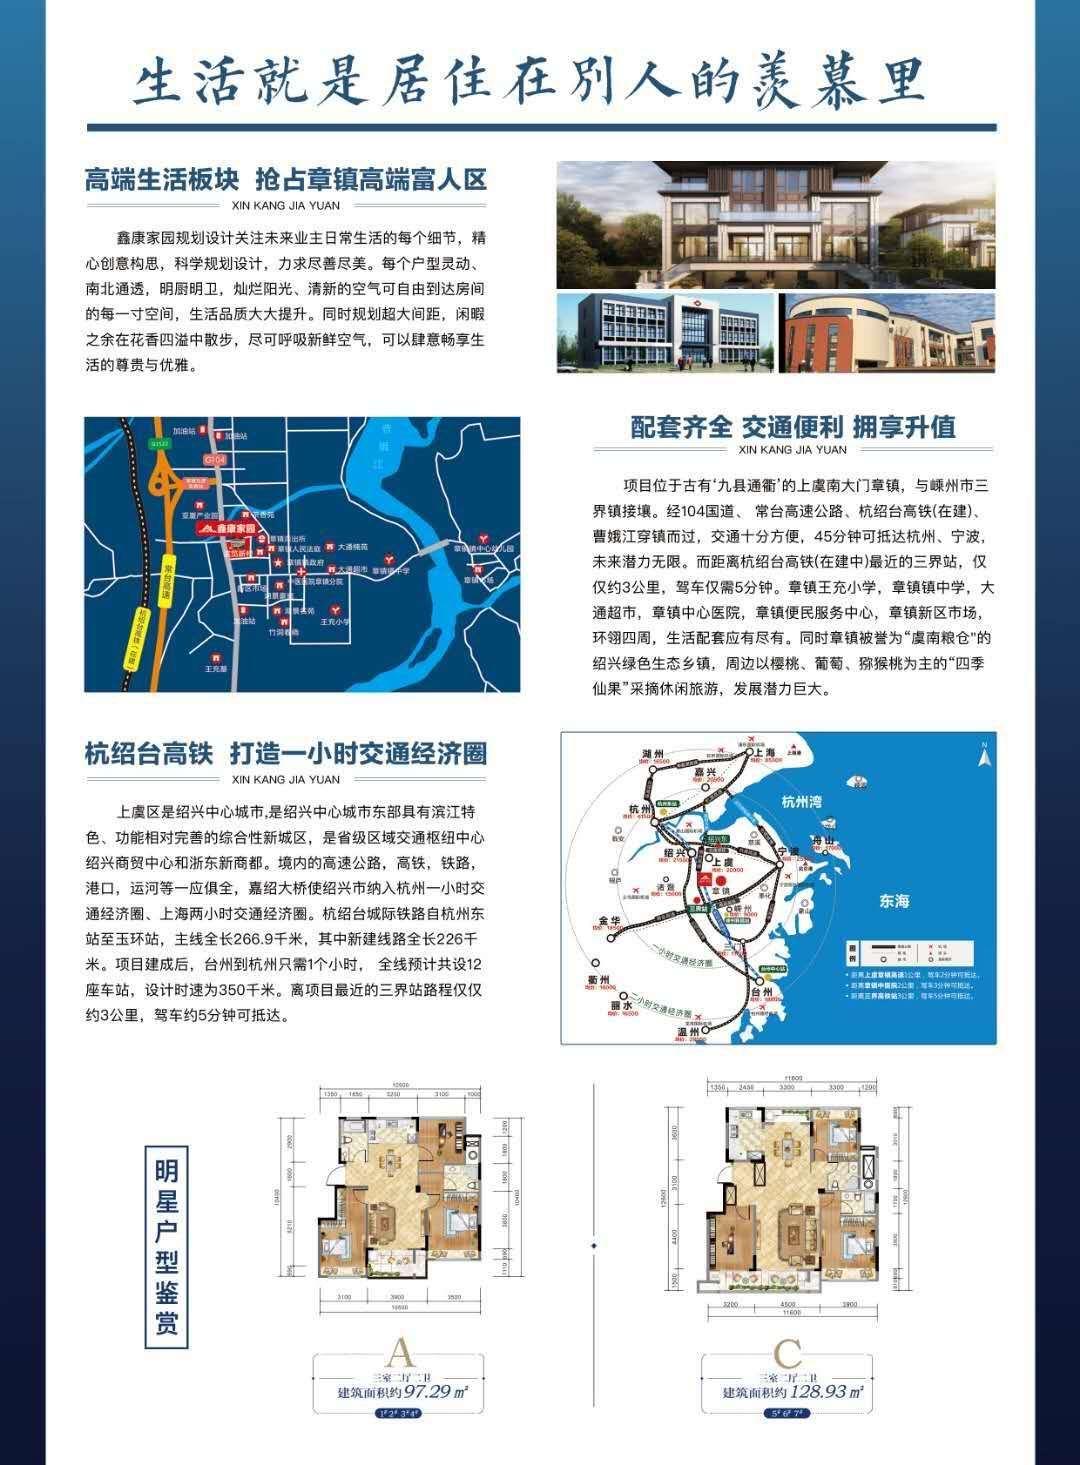 鑫康家园交通图-小柯网